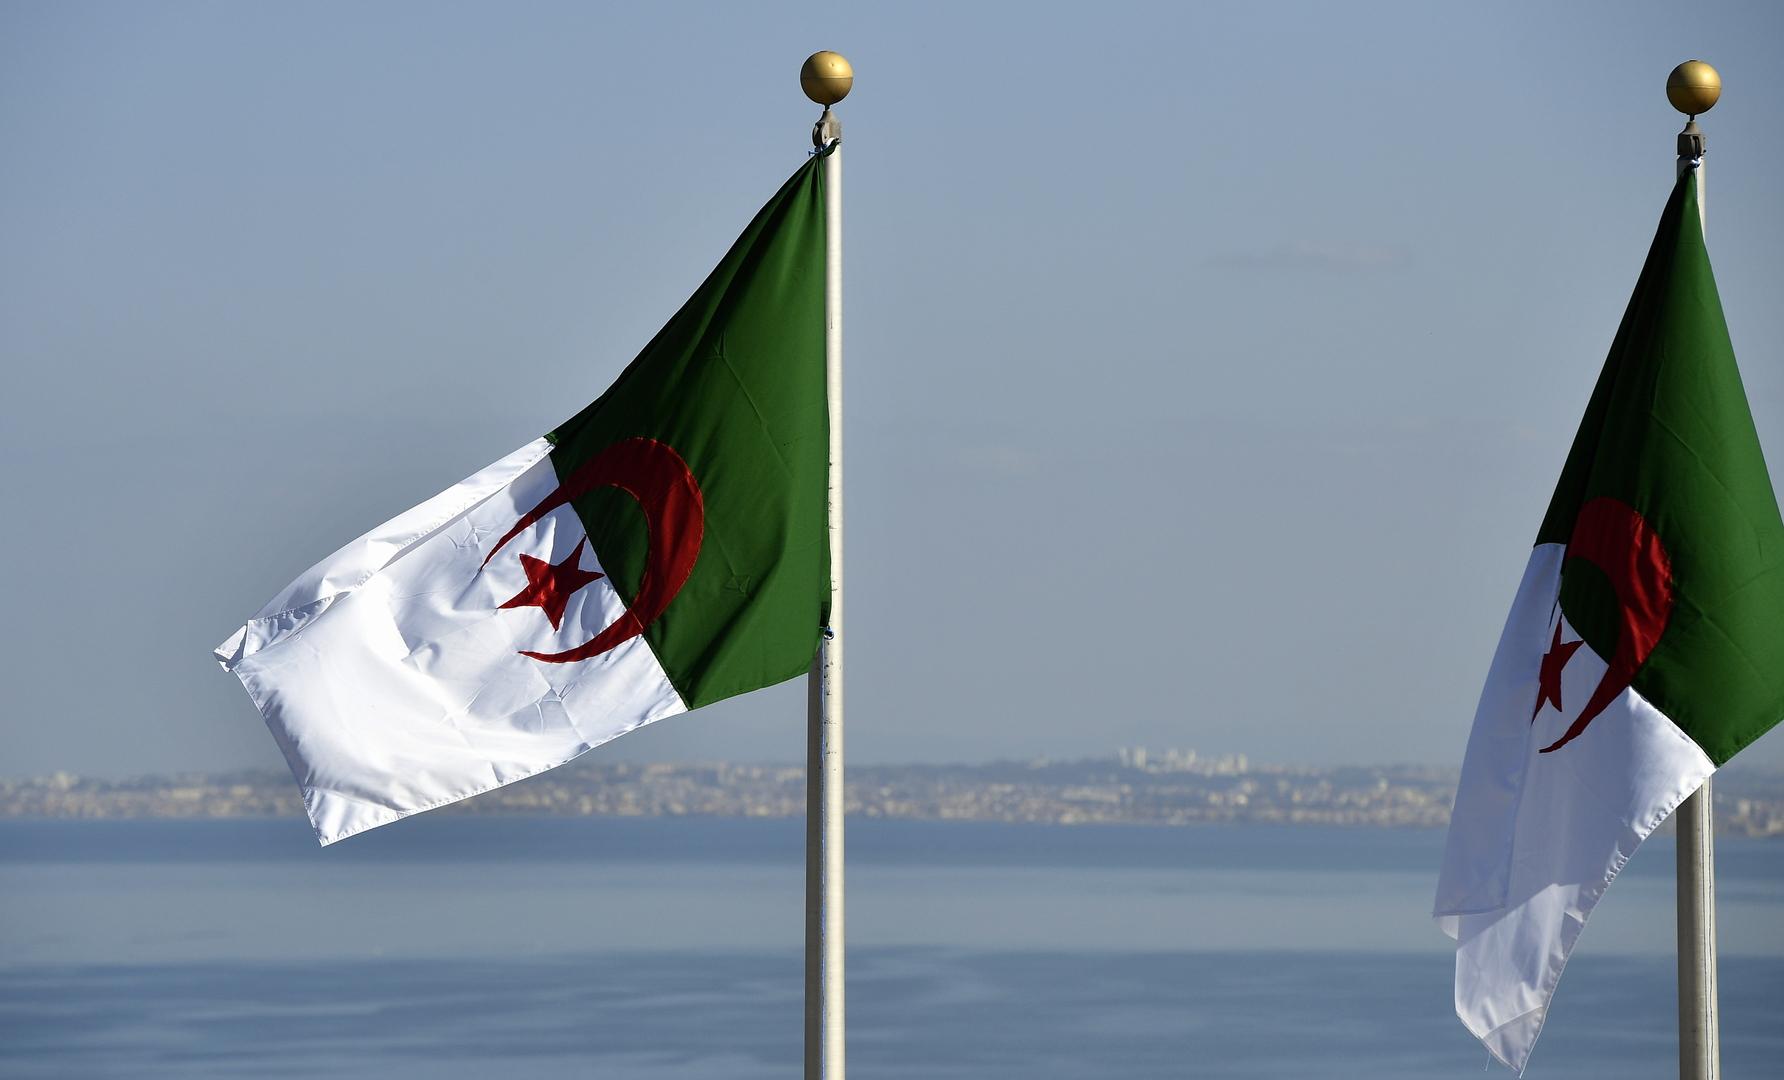 موقع متخصص بالشأن العسكري: الجزائر تعزز أسطولها الجوي